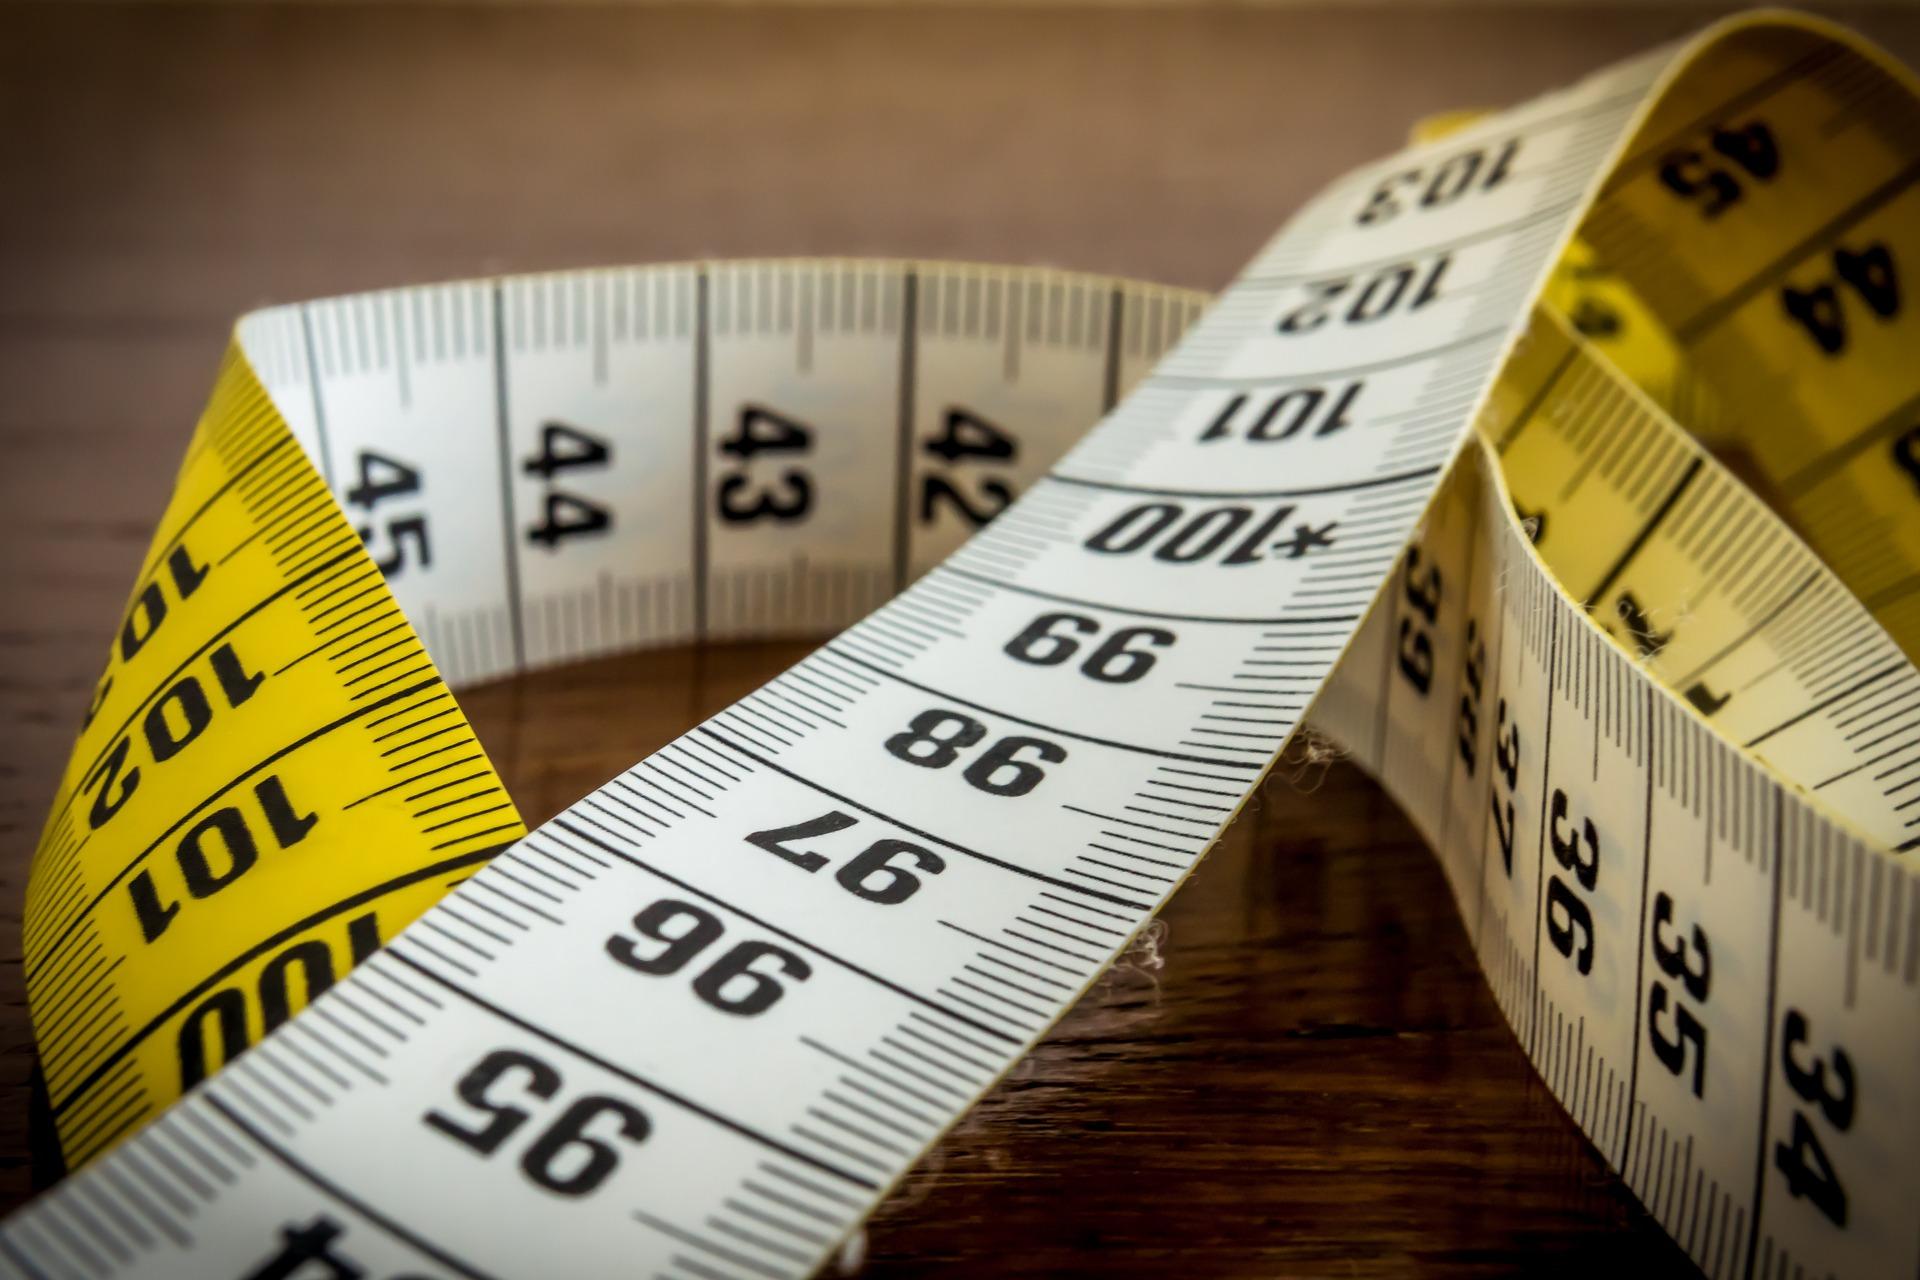 Messen mittels Diagnose-Software: Ein sinnvolles Hilfmittel für Lehrkräfte – oder schlicht Zeitverschwendung?